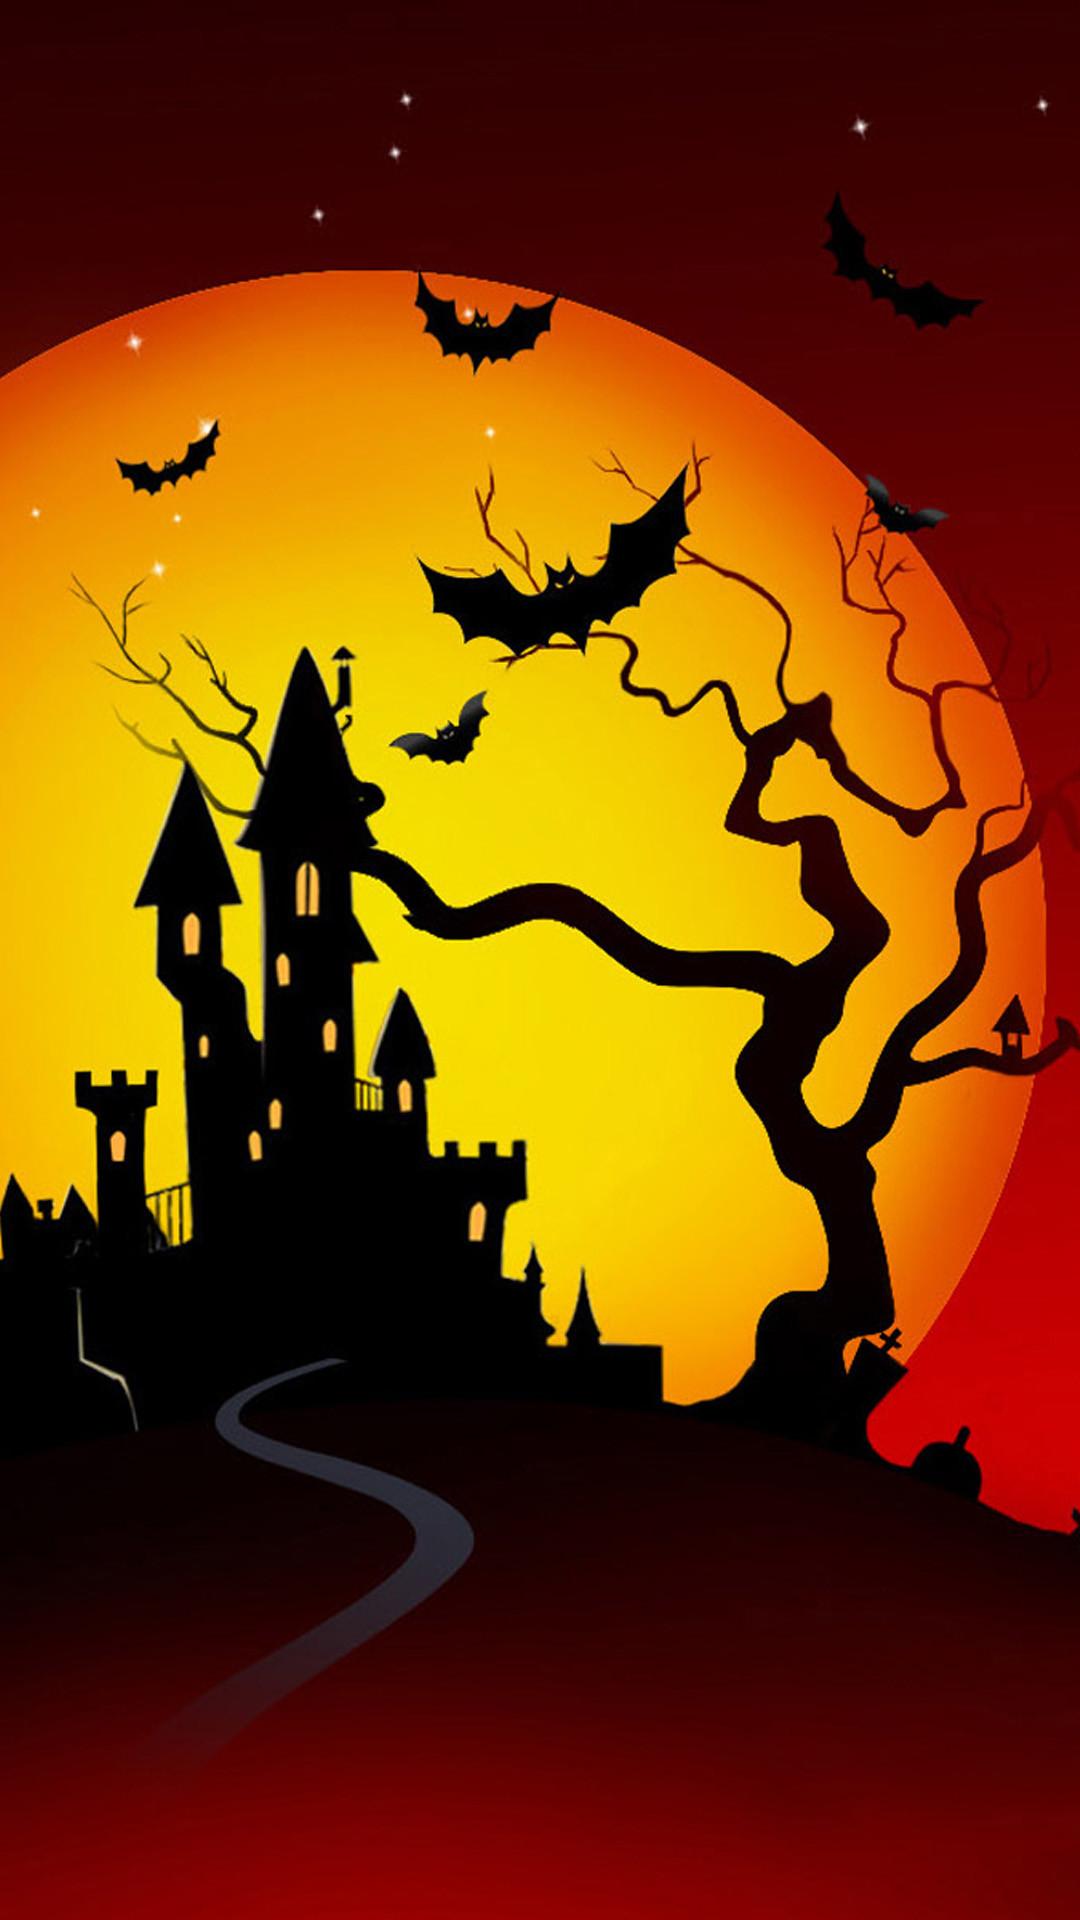 Happy Halloween Desktop Wallpapers 2015 : https://www.festivalworldz.com/